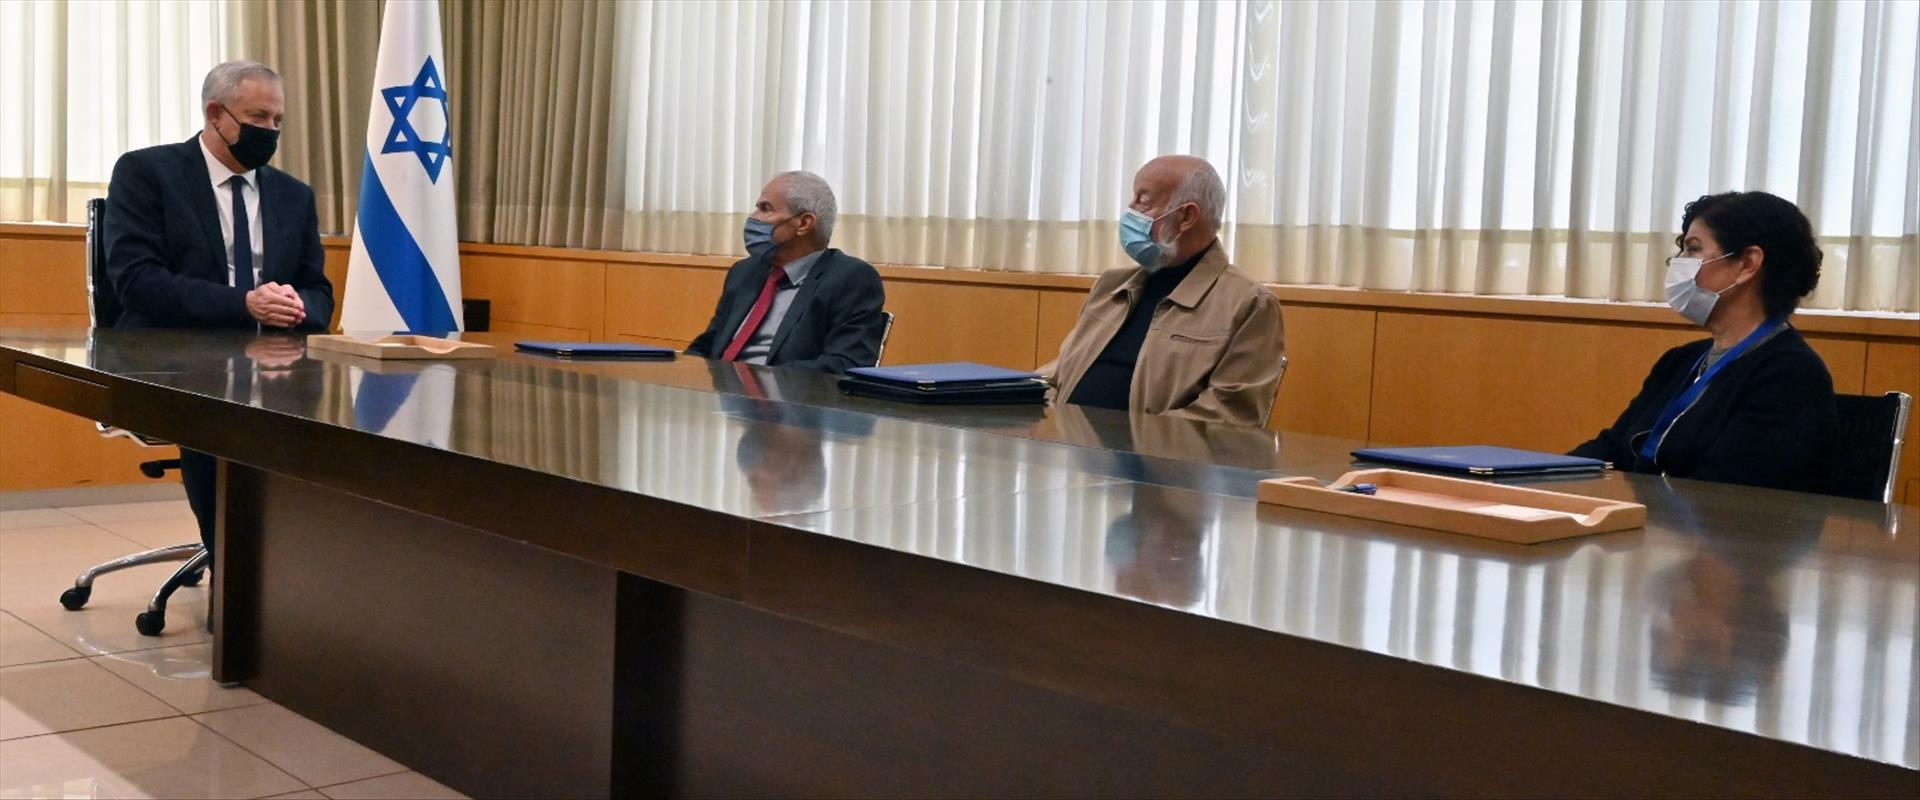 غانتس واعضاء اللجنة